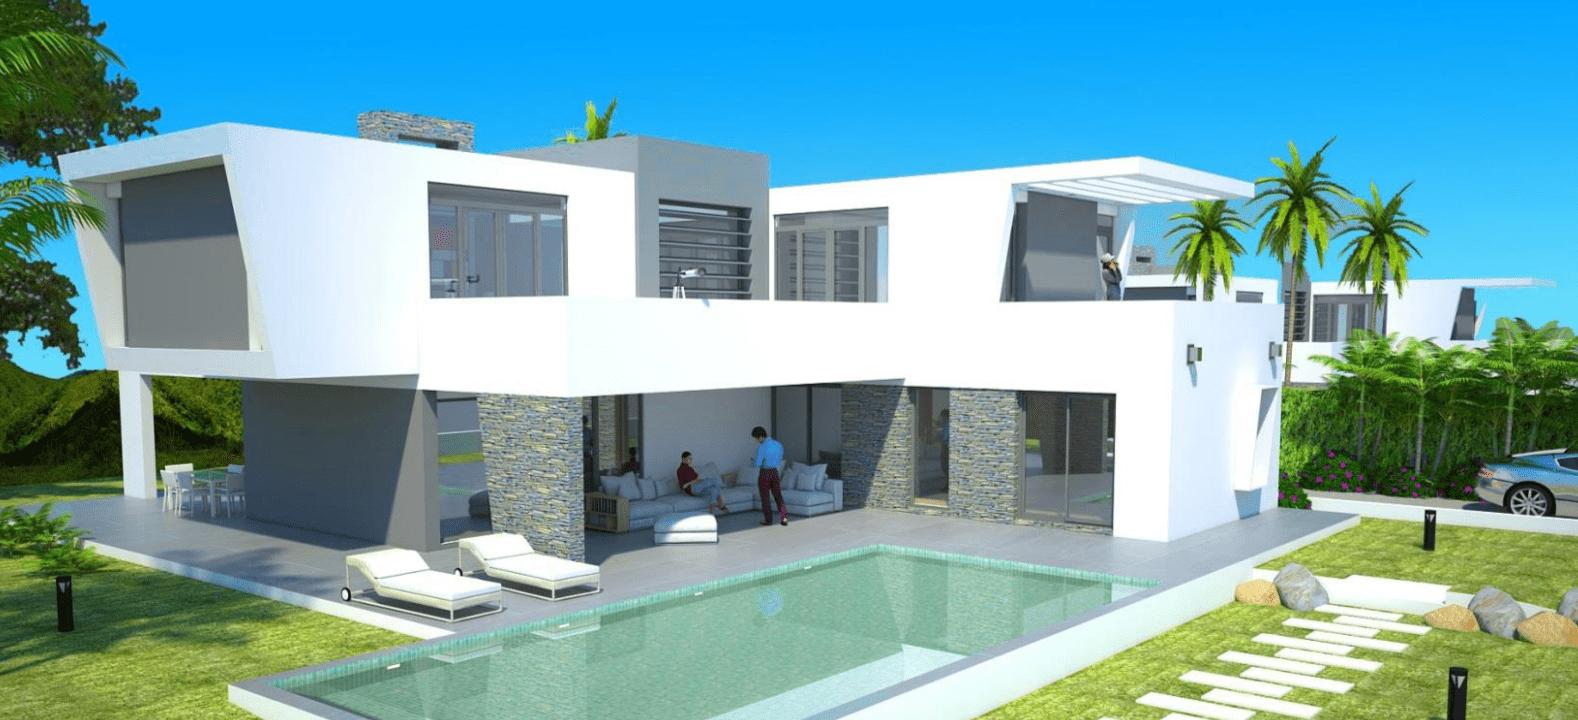 Sobre plano villa nueva milla de oro estepona for Moderne villen